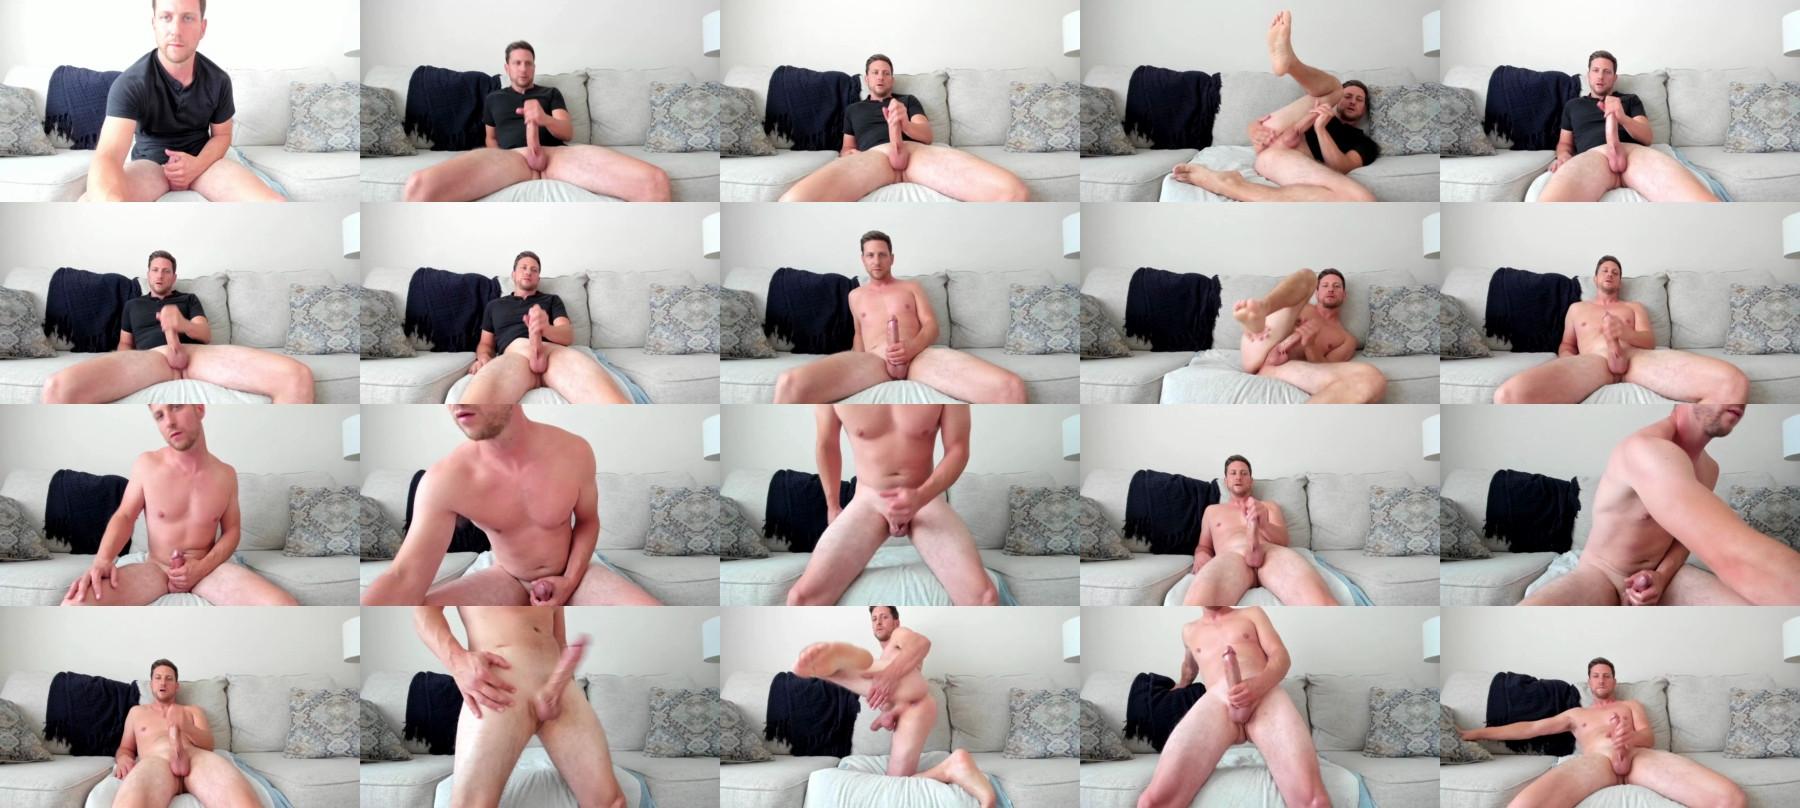 Davideego Chaturbate 23-06-2021 Male Pretty